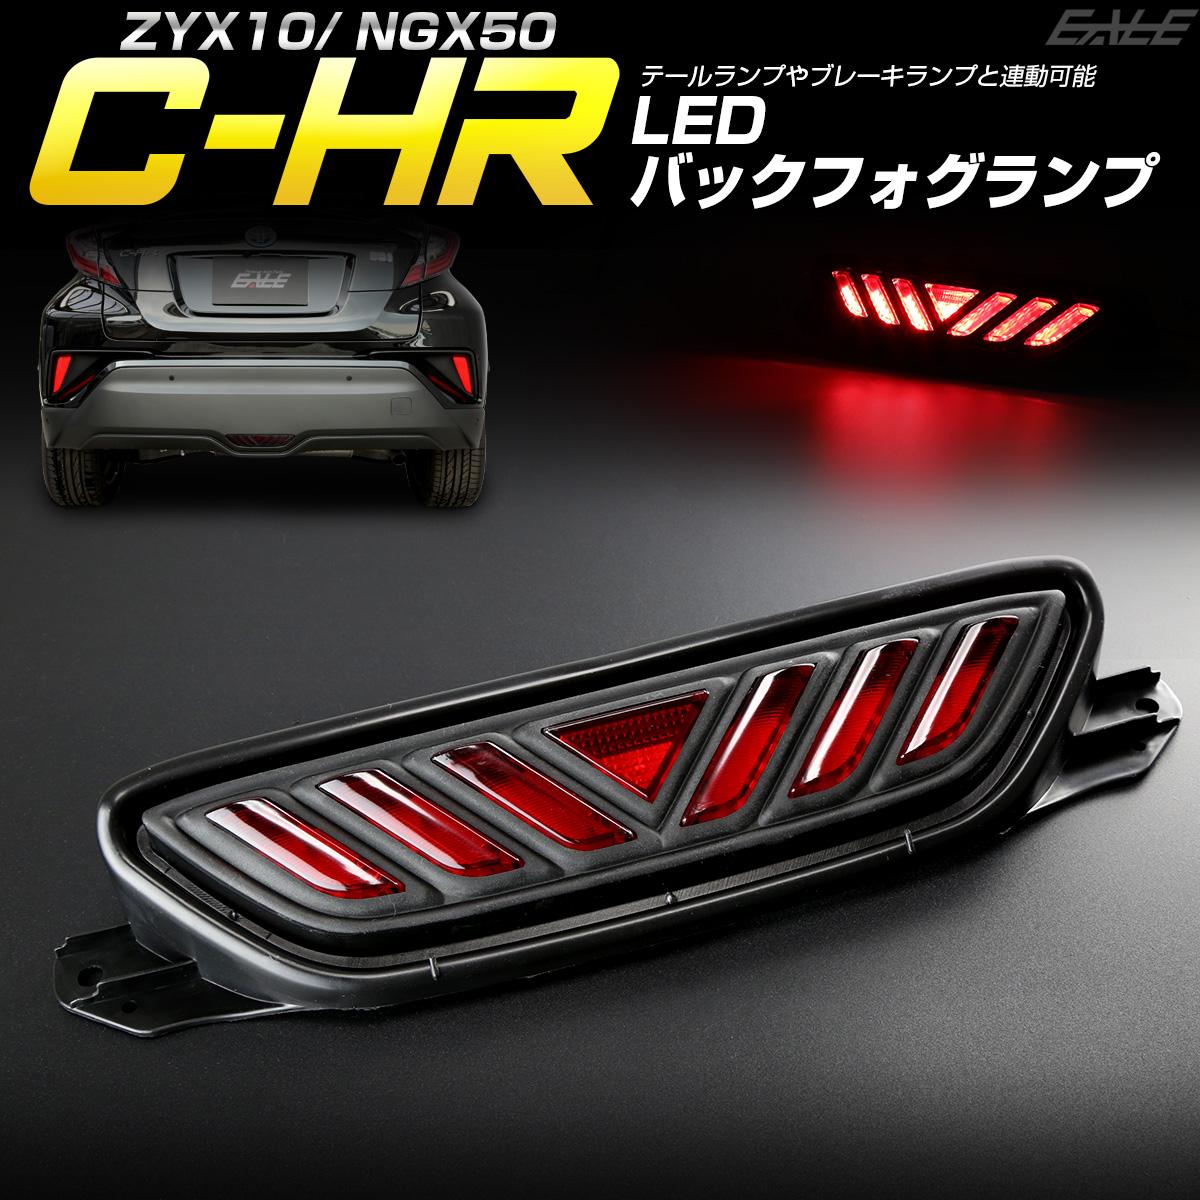 トヨタ C-HR 専用 LED バックフォグ リアフォグ ランプ ZYX10 NGX50 テールランプ ブレーキランプ連動 P-392